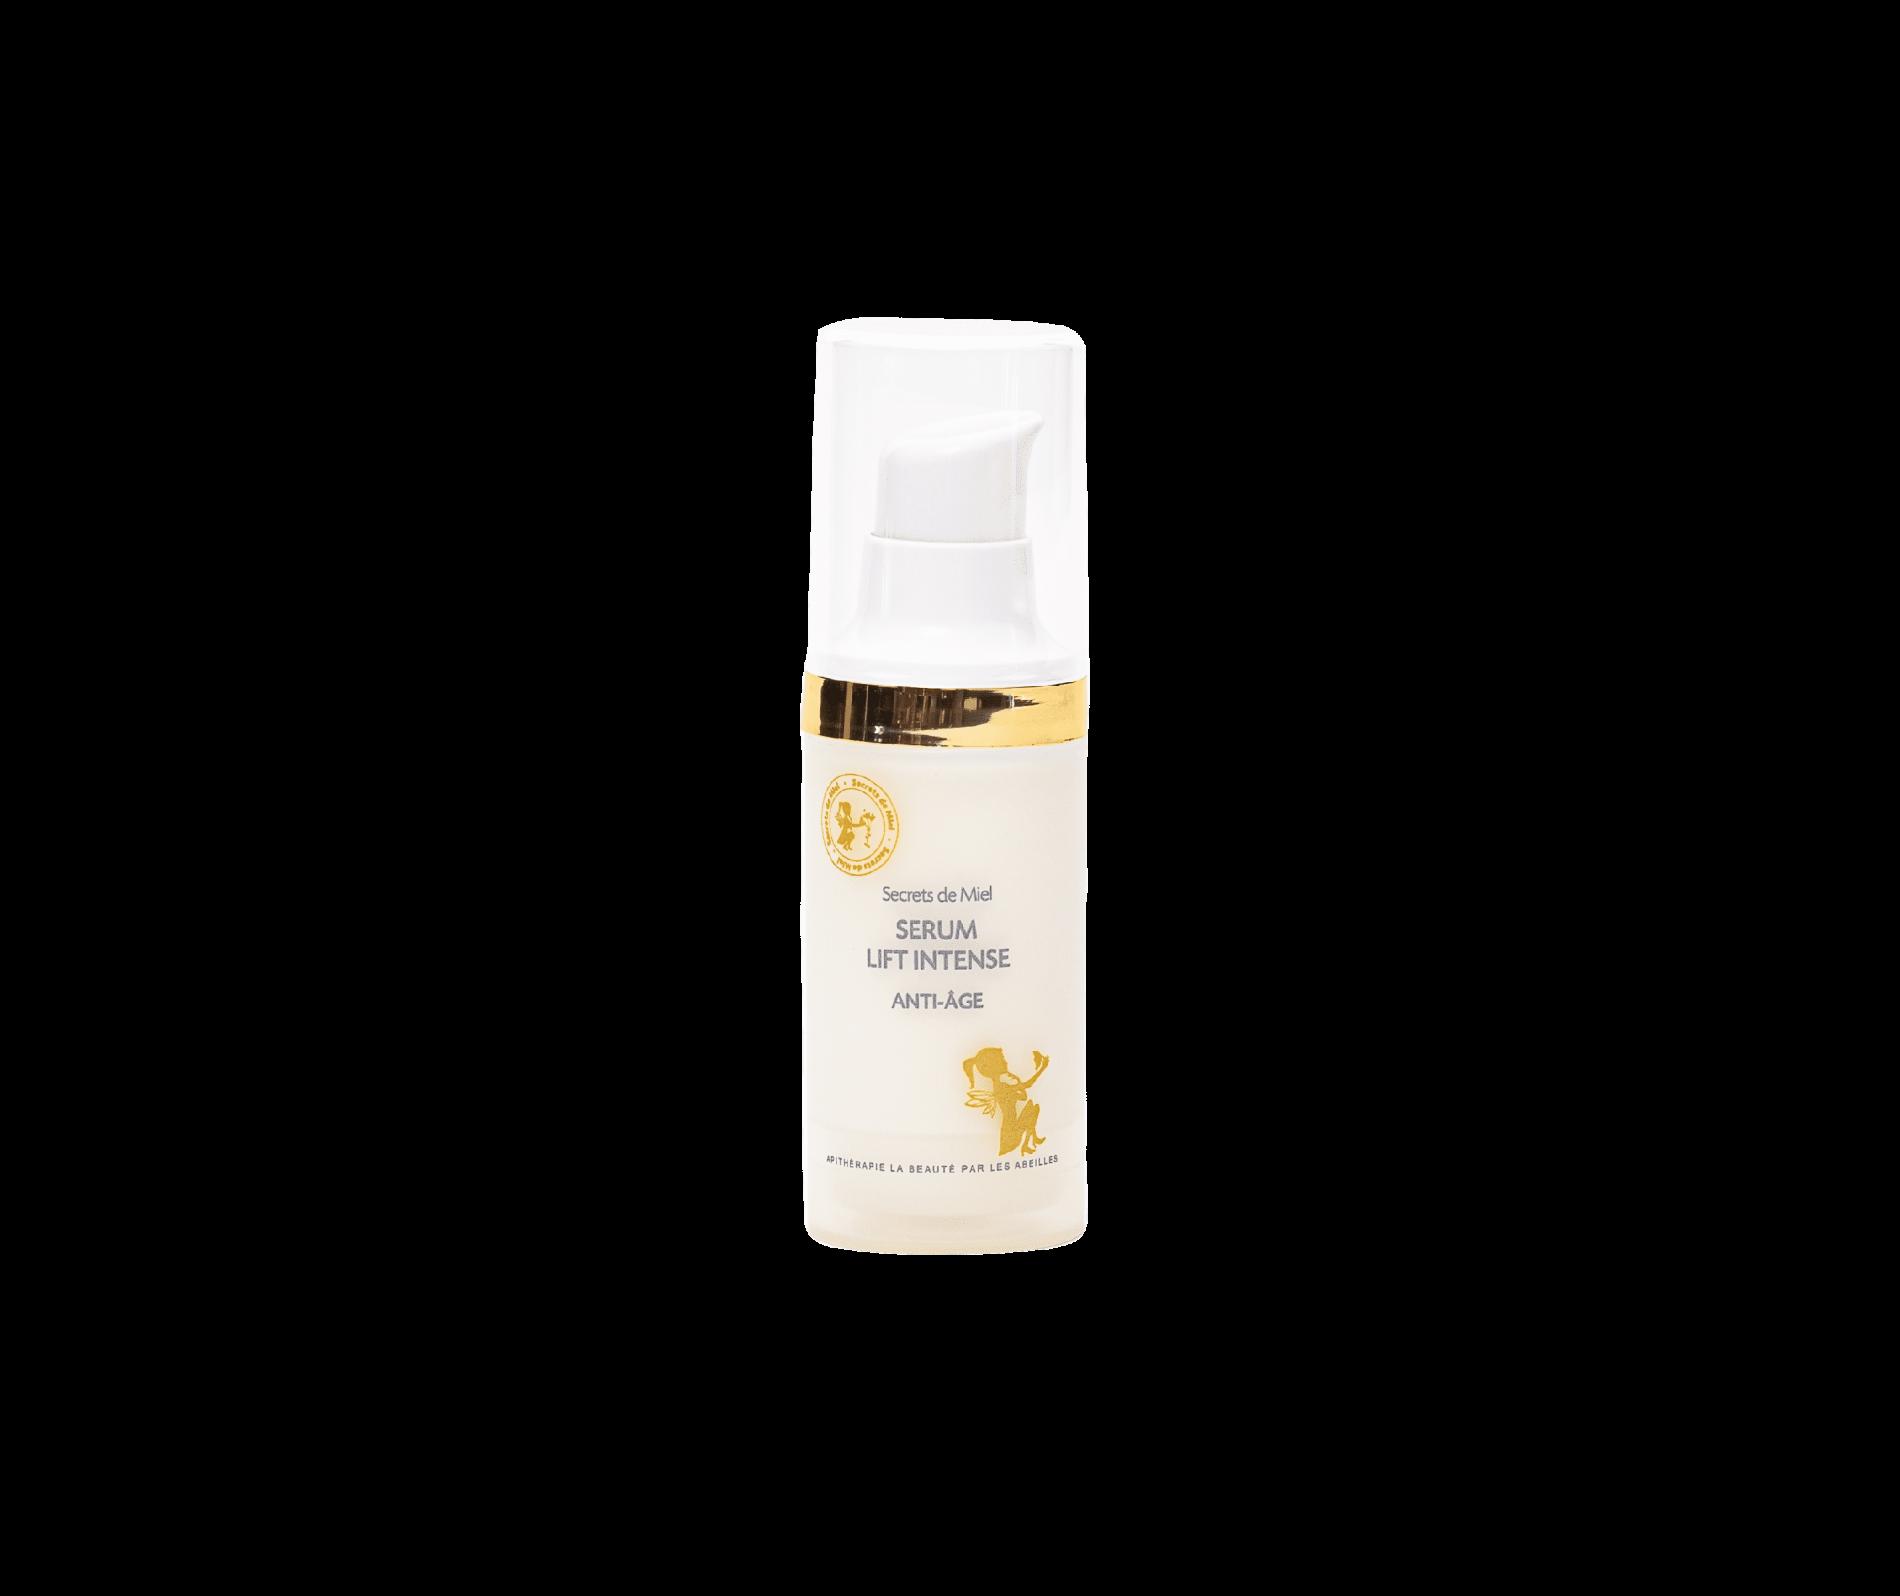 Sérum Lift Intense - Gelée Royale - Abeilles - Ruche - Crème de jour - Bon pour la peau - Produit naturel - Secrets de Miel